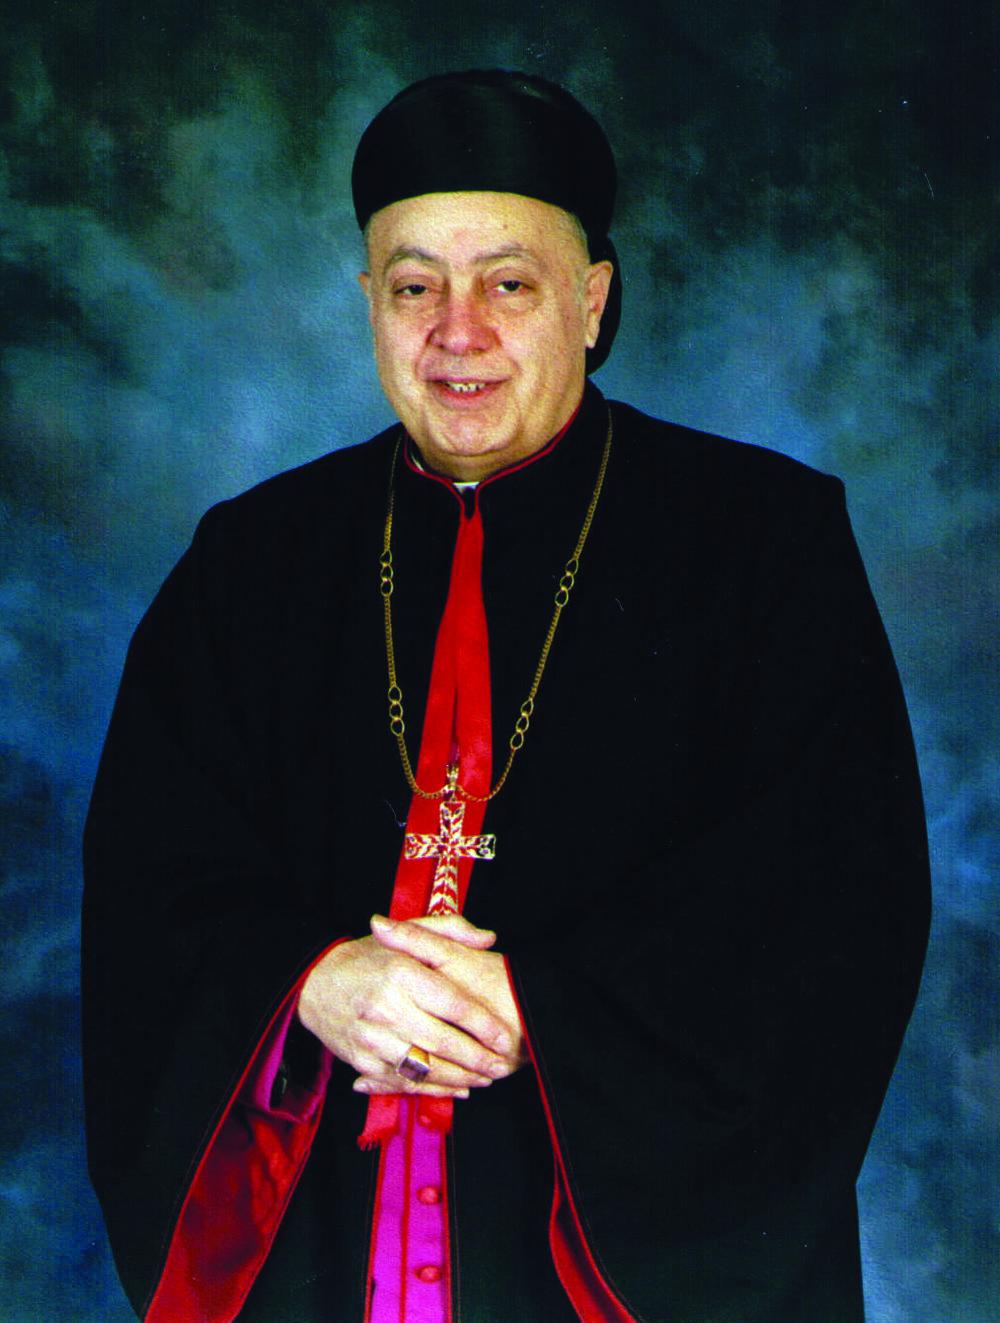 Bishop Robert Shaheen